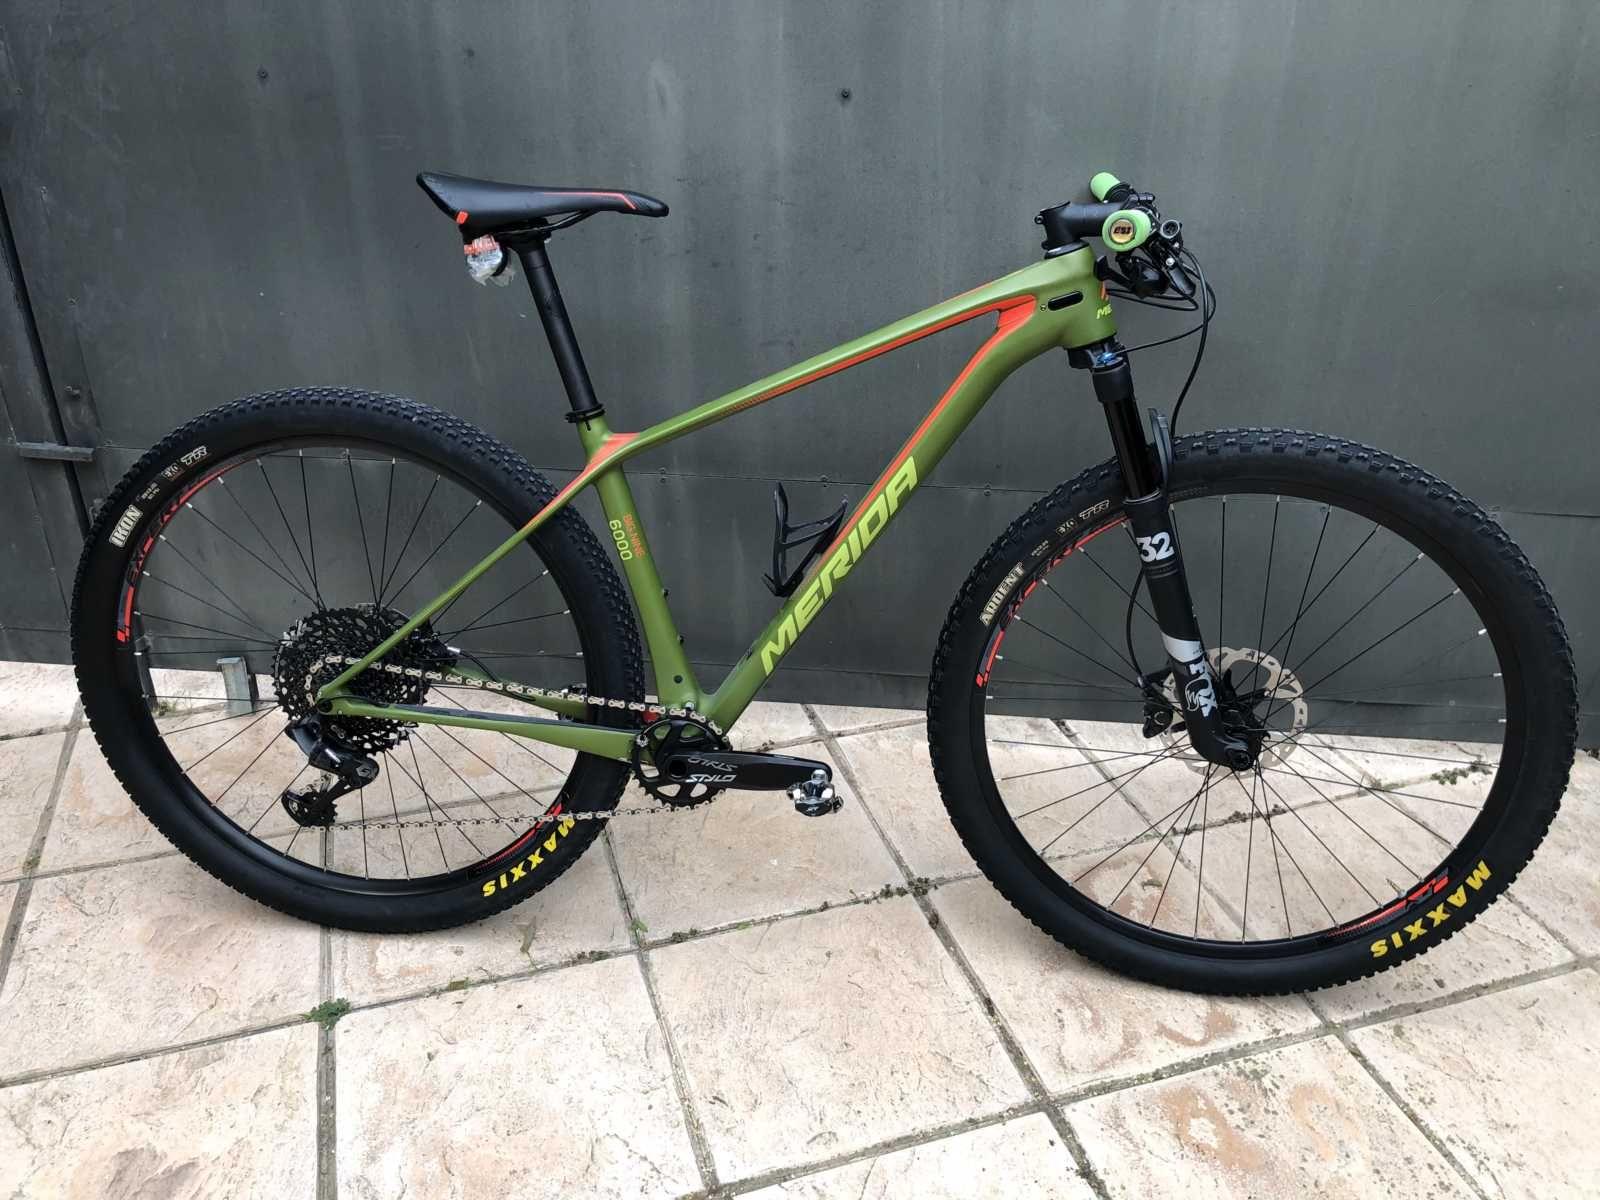 Bicicleta Merida Big Nine En Talla M 56990 Categoría Bicicletas De Montaña Año 2018 Cambio Sr En 2020 Bicicletas Deportivas Bicicletas Mountain Bike Bicicletas